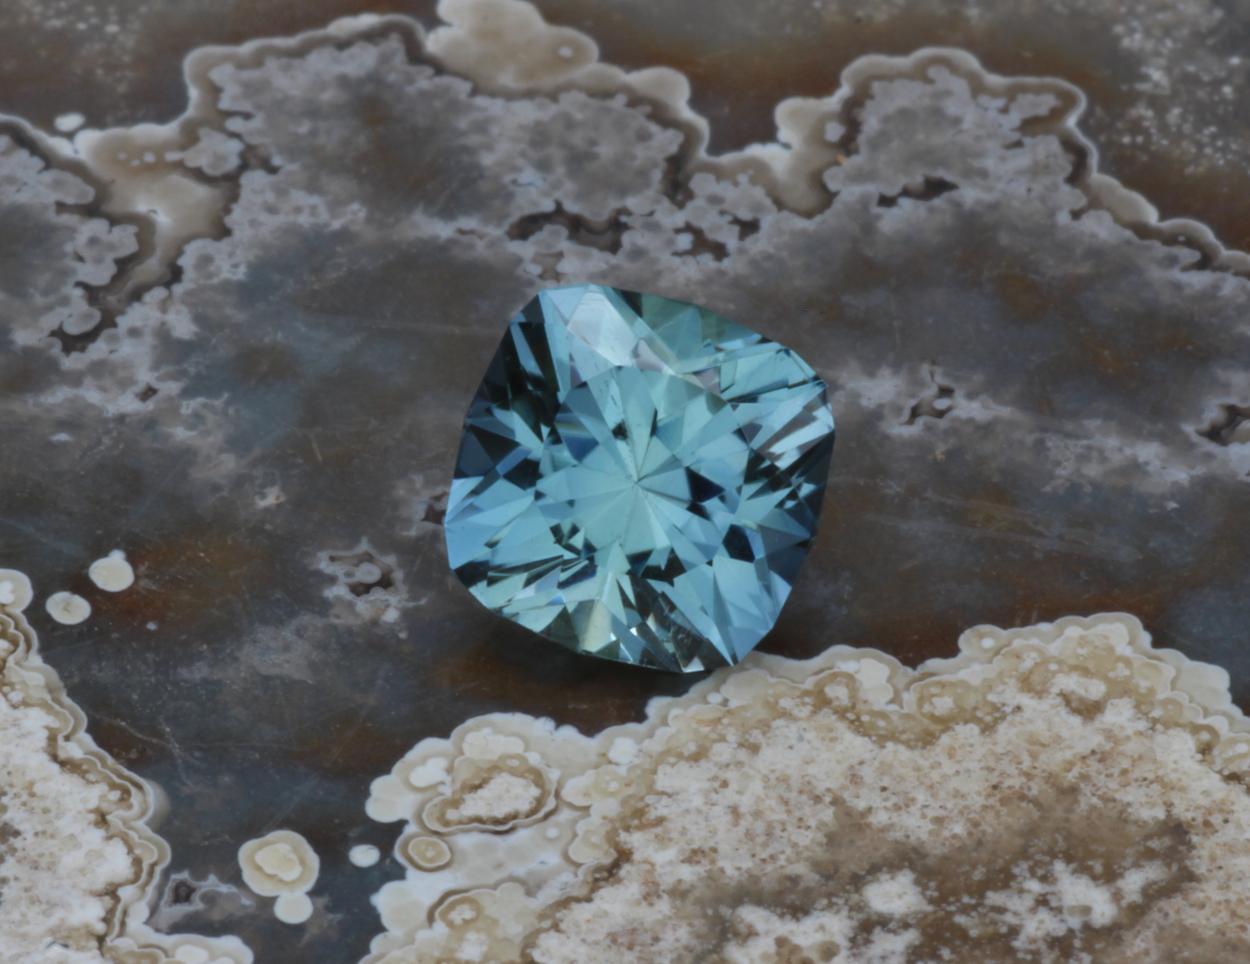 Blue Green Montana Sapphire Unheated Precision Cut Cushion